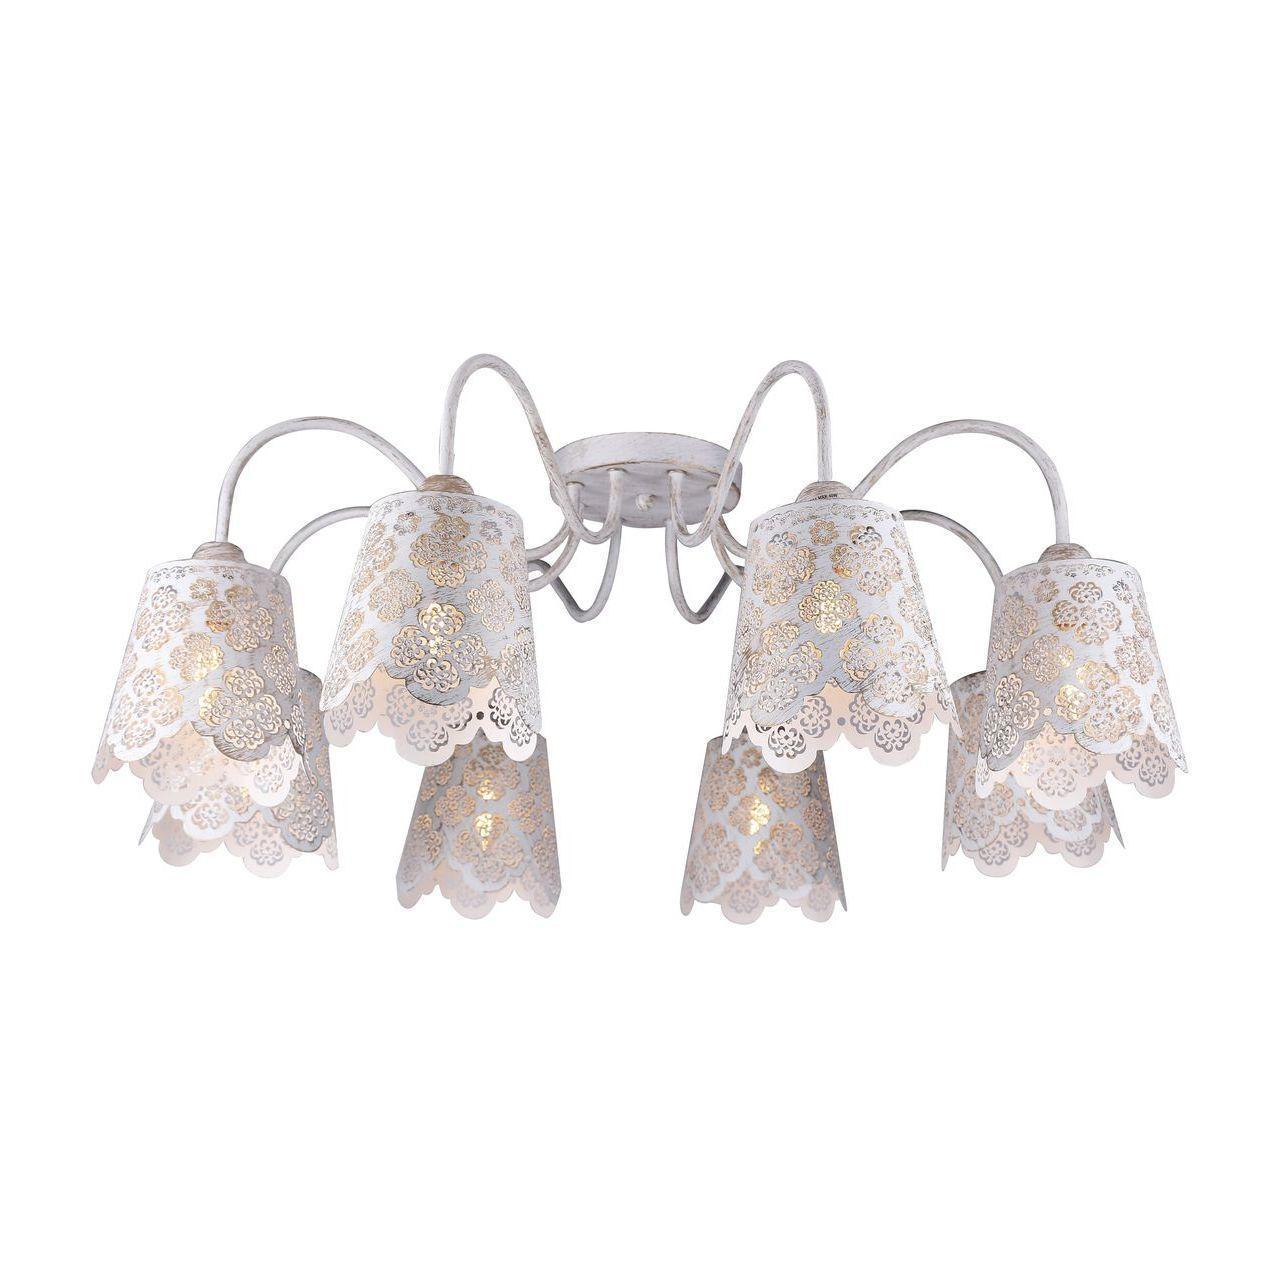 Люстра Arte Lamp A2032PL-8WG потолочная arte lamp a9395lm 8wg